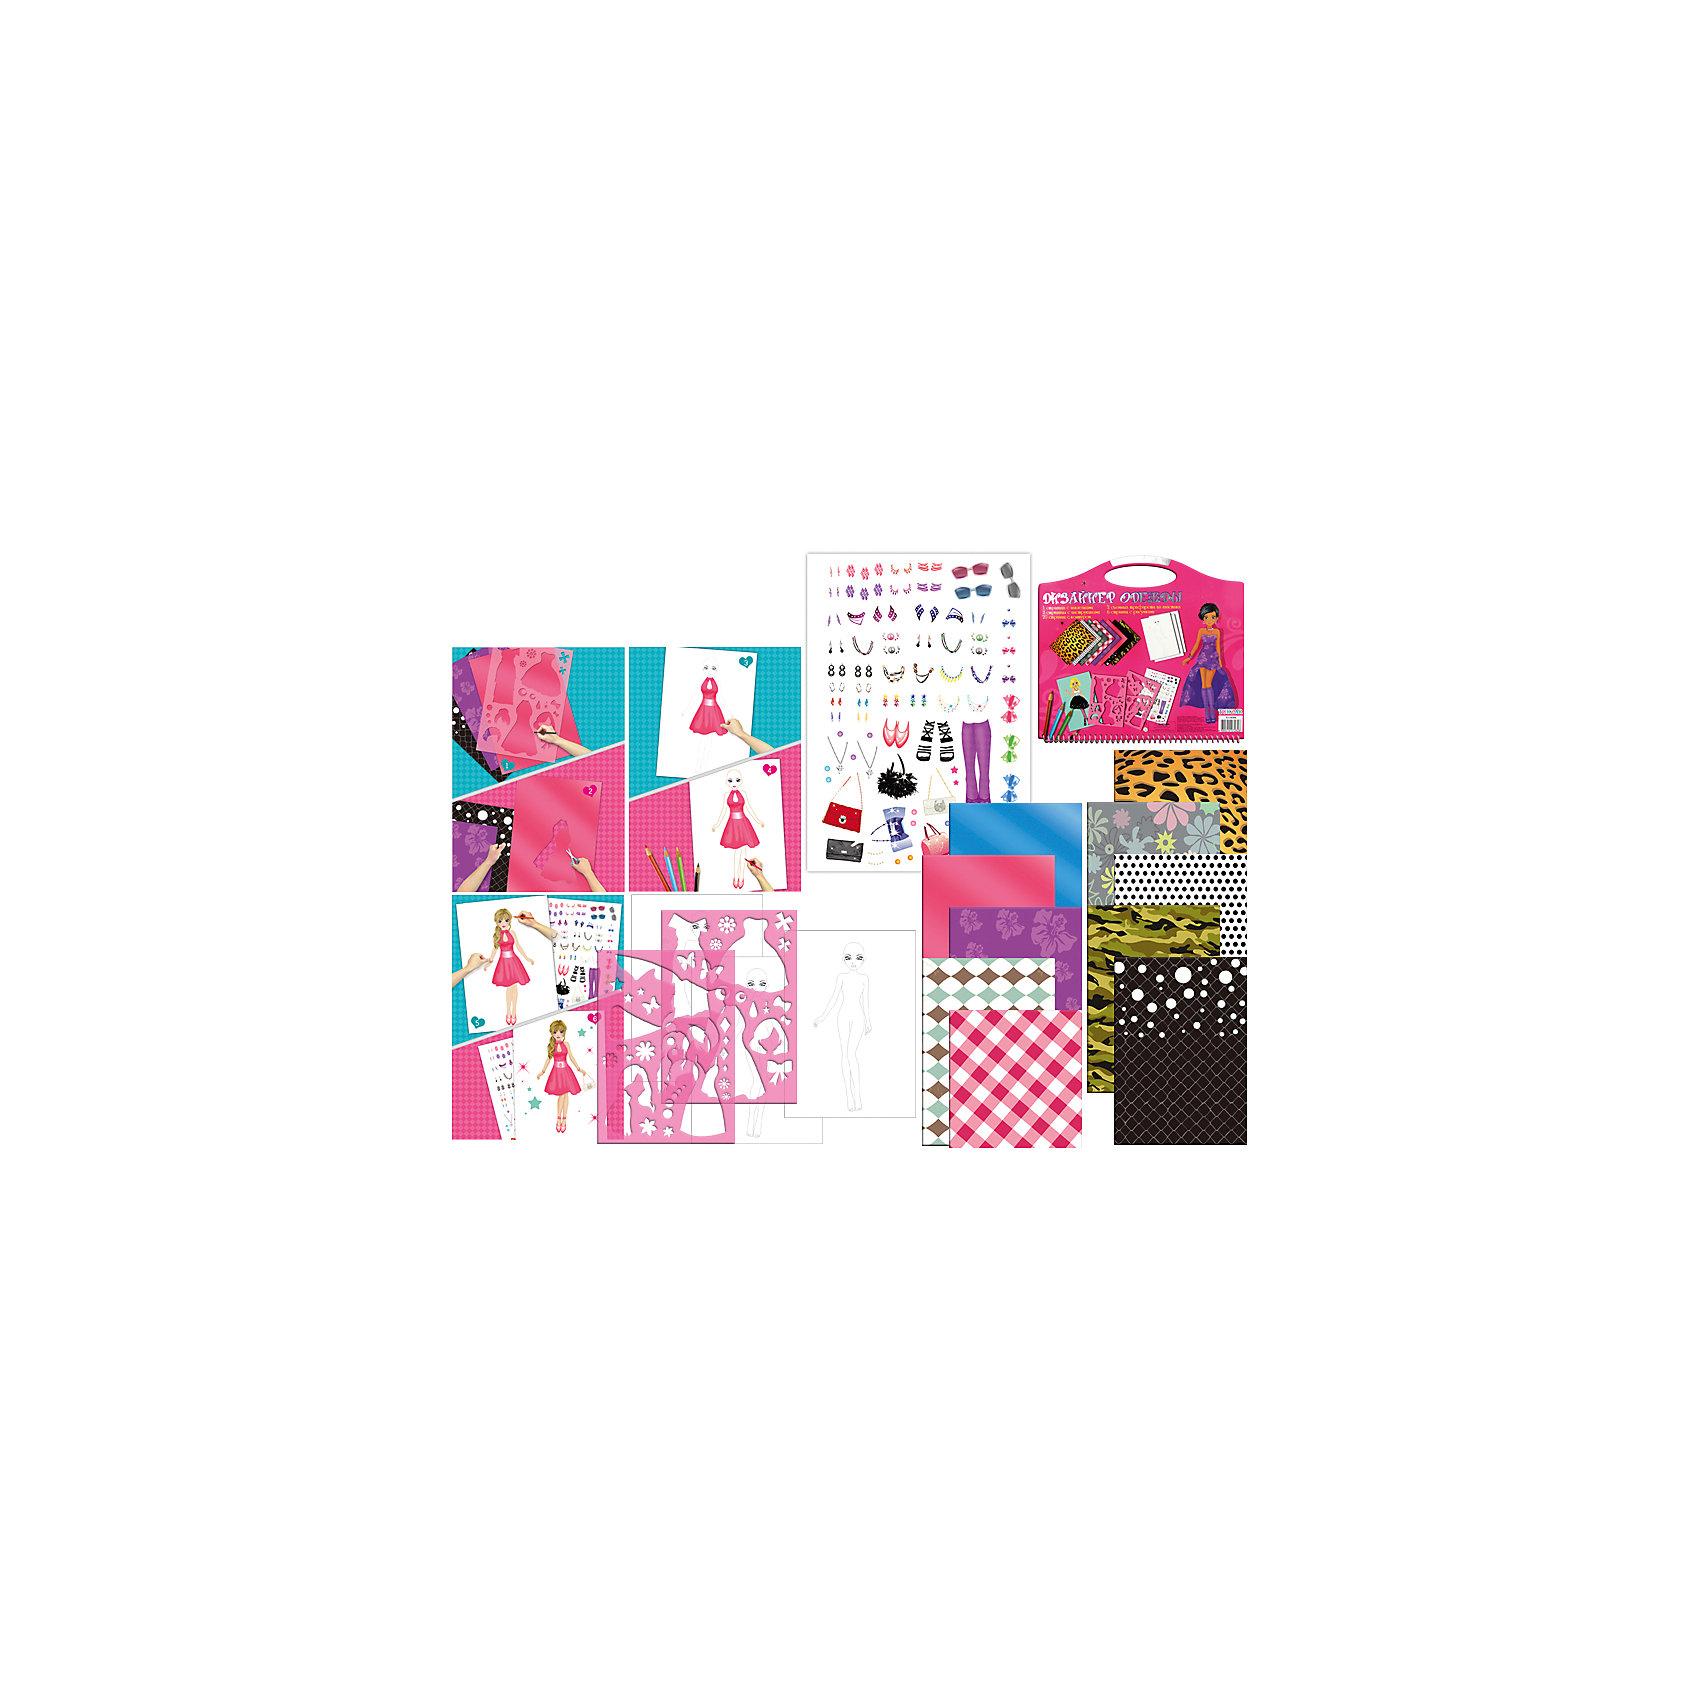 Альбом для творчества Дизайнер одежды, с трафаретами и наклейкамиАльбом для творчества Дизайнер одежды, с трафаретами и наклейками от известного торгового бренда канцелярских товаров и товаров для творчества TUKZAR. Этот набор подарит увлекательное и, вместе с тем, развивающее времяпрепровождение для вашей девочки. Почувствовать себя настоящим модельером, создавать свои дизайнерские вещи и устраивать модные показы – теперь это возможно благодаря альбому для творчества Дизайнер одежды, с трафаретами и наклейками!<br>Альбом для творчества Дизайнер одежды, с трафаретами и наклейками от TUKZAR станет прекрасным подарком для девочки к любому торжеству! <br><br>Дополнительная информация:<br><br>- Предназначение: для творческих занятий<br>- Пол: для девочки<br>- Комплектация: альбом, трафареты, наклейки<br>- Размеры (Д*Ш): 33*30 см<br>- Упаковка: полиэтилен<br><br>Подробнее:<br><br>• Для детей в возрасте: от 3 лет <br>• Страна производитель: Китай<br>• Торговый бренд: TUKZAR<br><br>Альбом для творчества Дизайнер одежды, с трафаретами и наклейками можно купить в нашем интернет-магазине.<br><br>Ширина мм: 330<br>Глубина мм: 300<br>Высота мм: 20<br>Вес г: 100<br>Возраст от месяцев: 36<br>Возраст до месяцев: 132<br>Пол: Женский<br>Возраст: Детский<br>SKU: 5001425